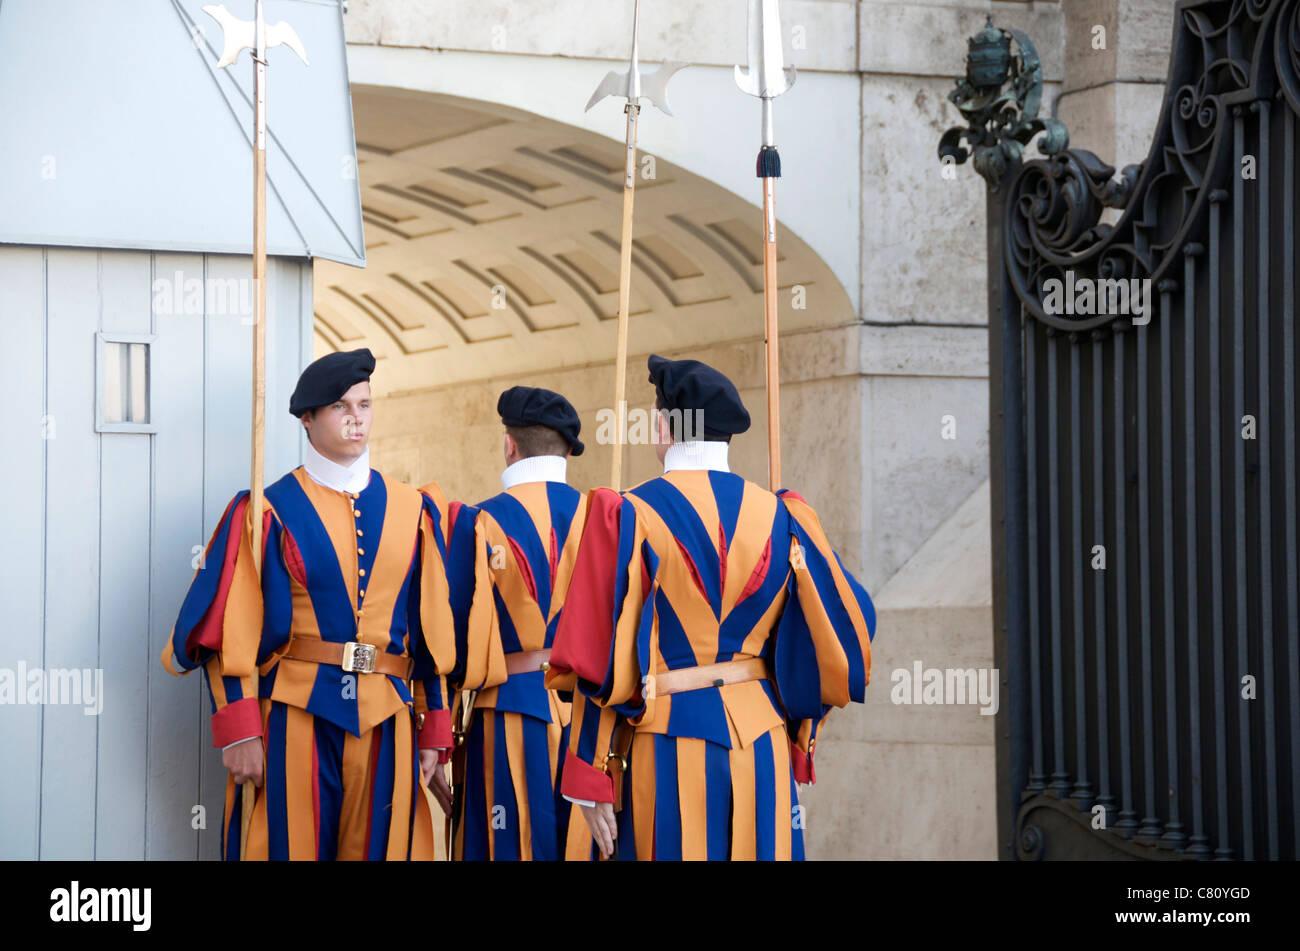 Les soldats de la Garde suisse à la basilique Saint-Pierre, Vatican, Rome, Italie, Europe Banque D'Images